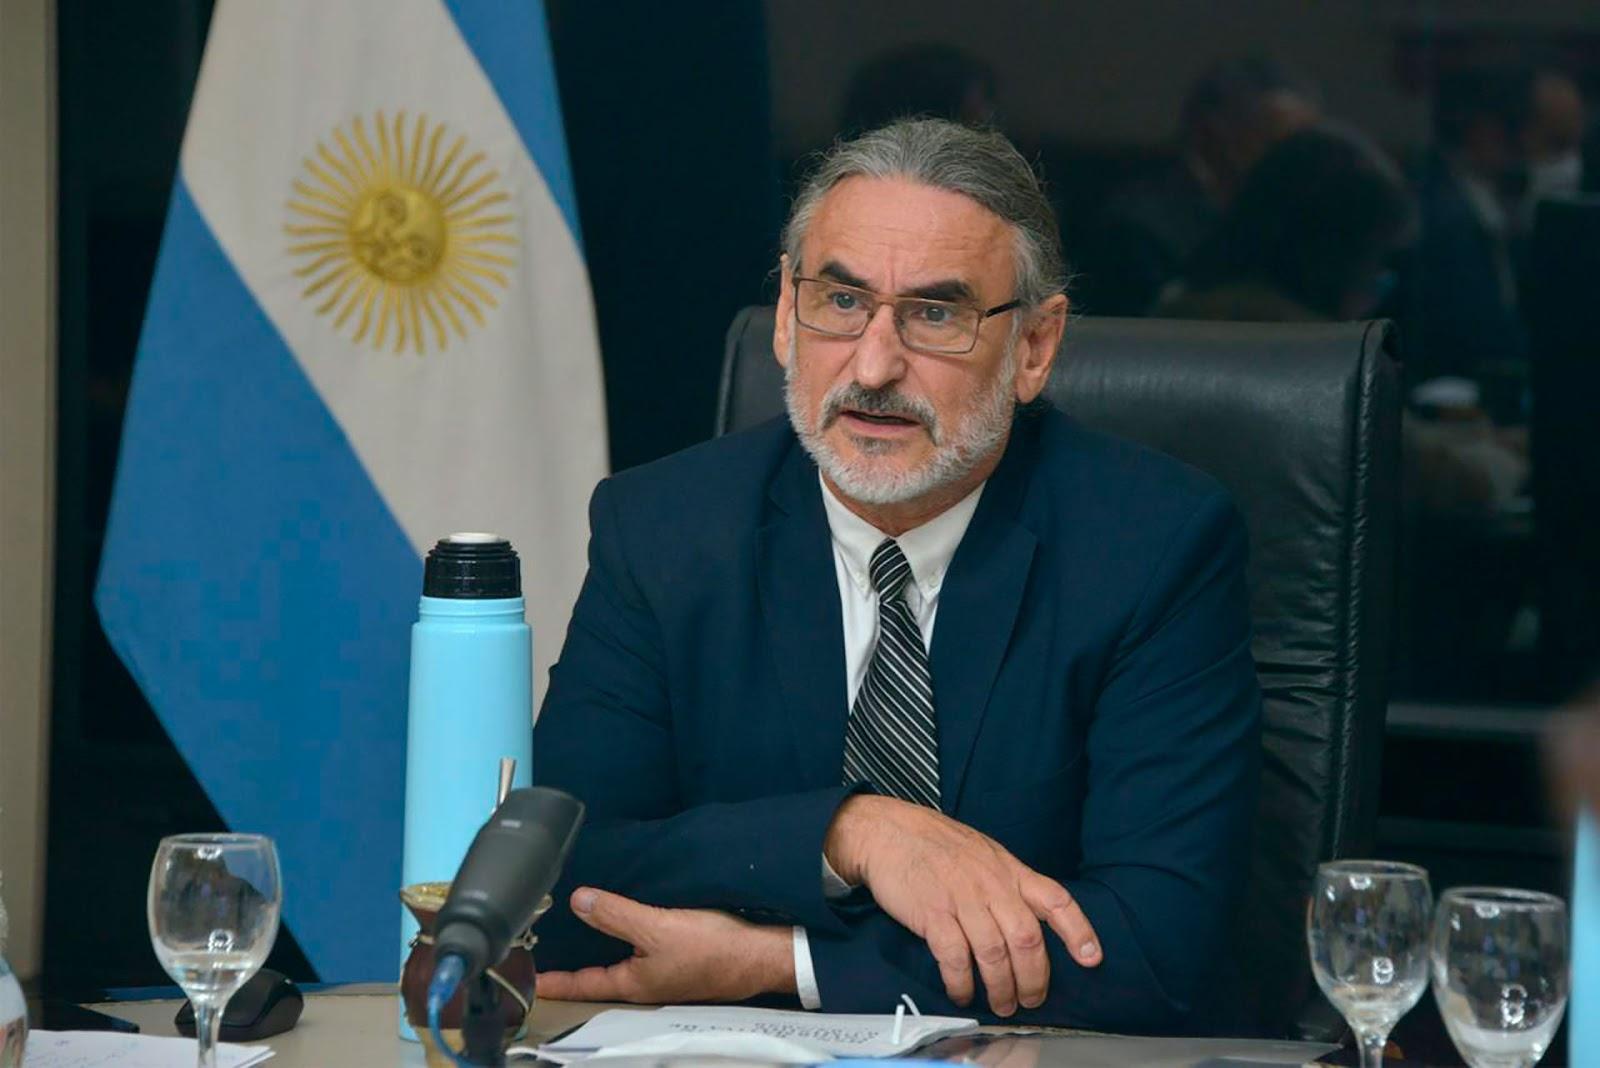 En esta situación de crisis, al país se le abre una ventana de oportunidades, dijo Basterra